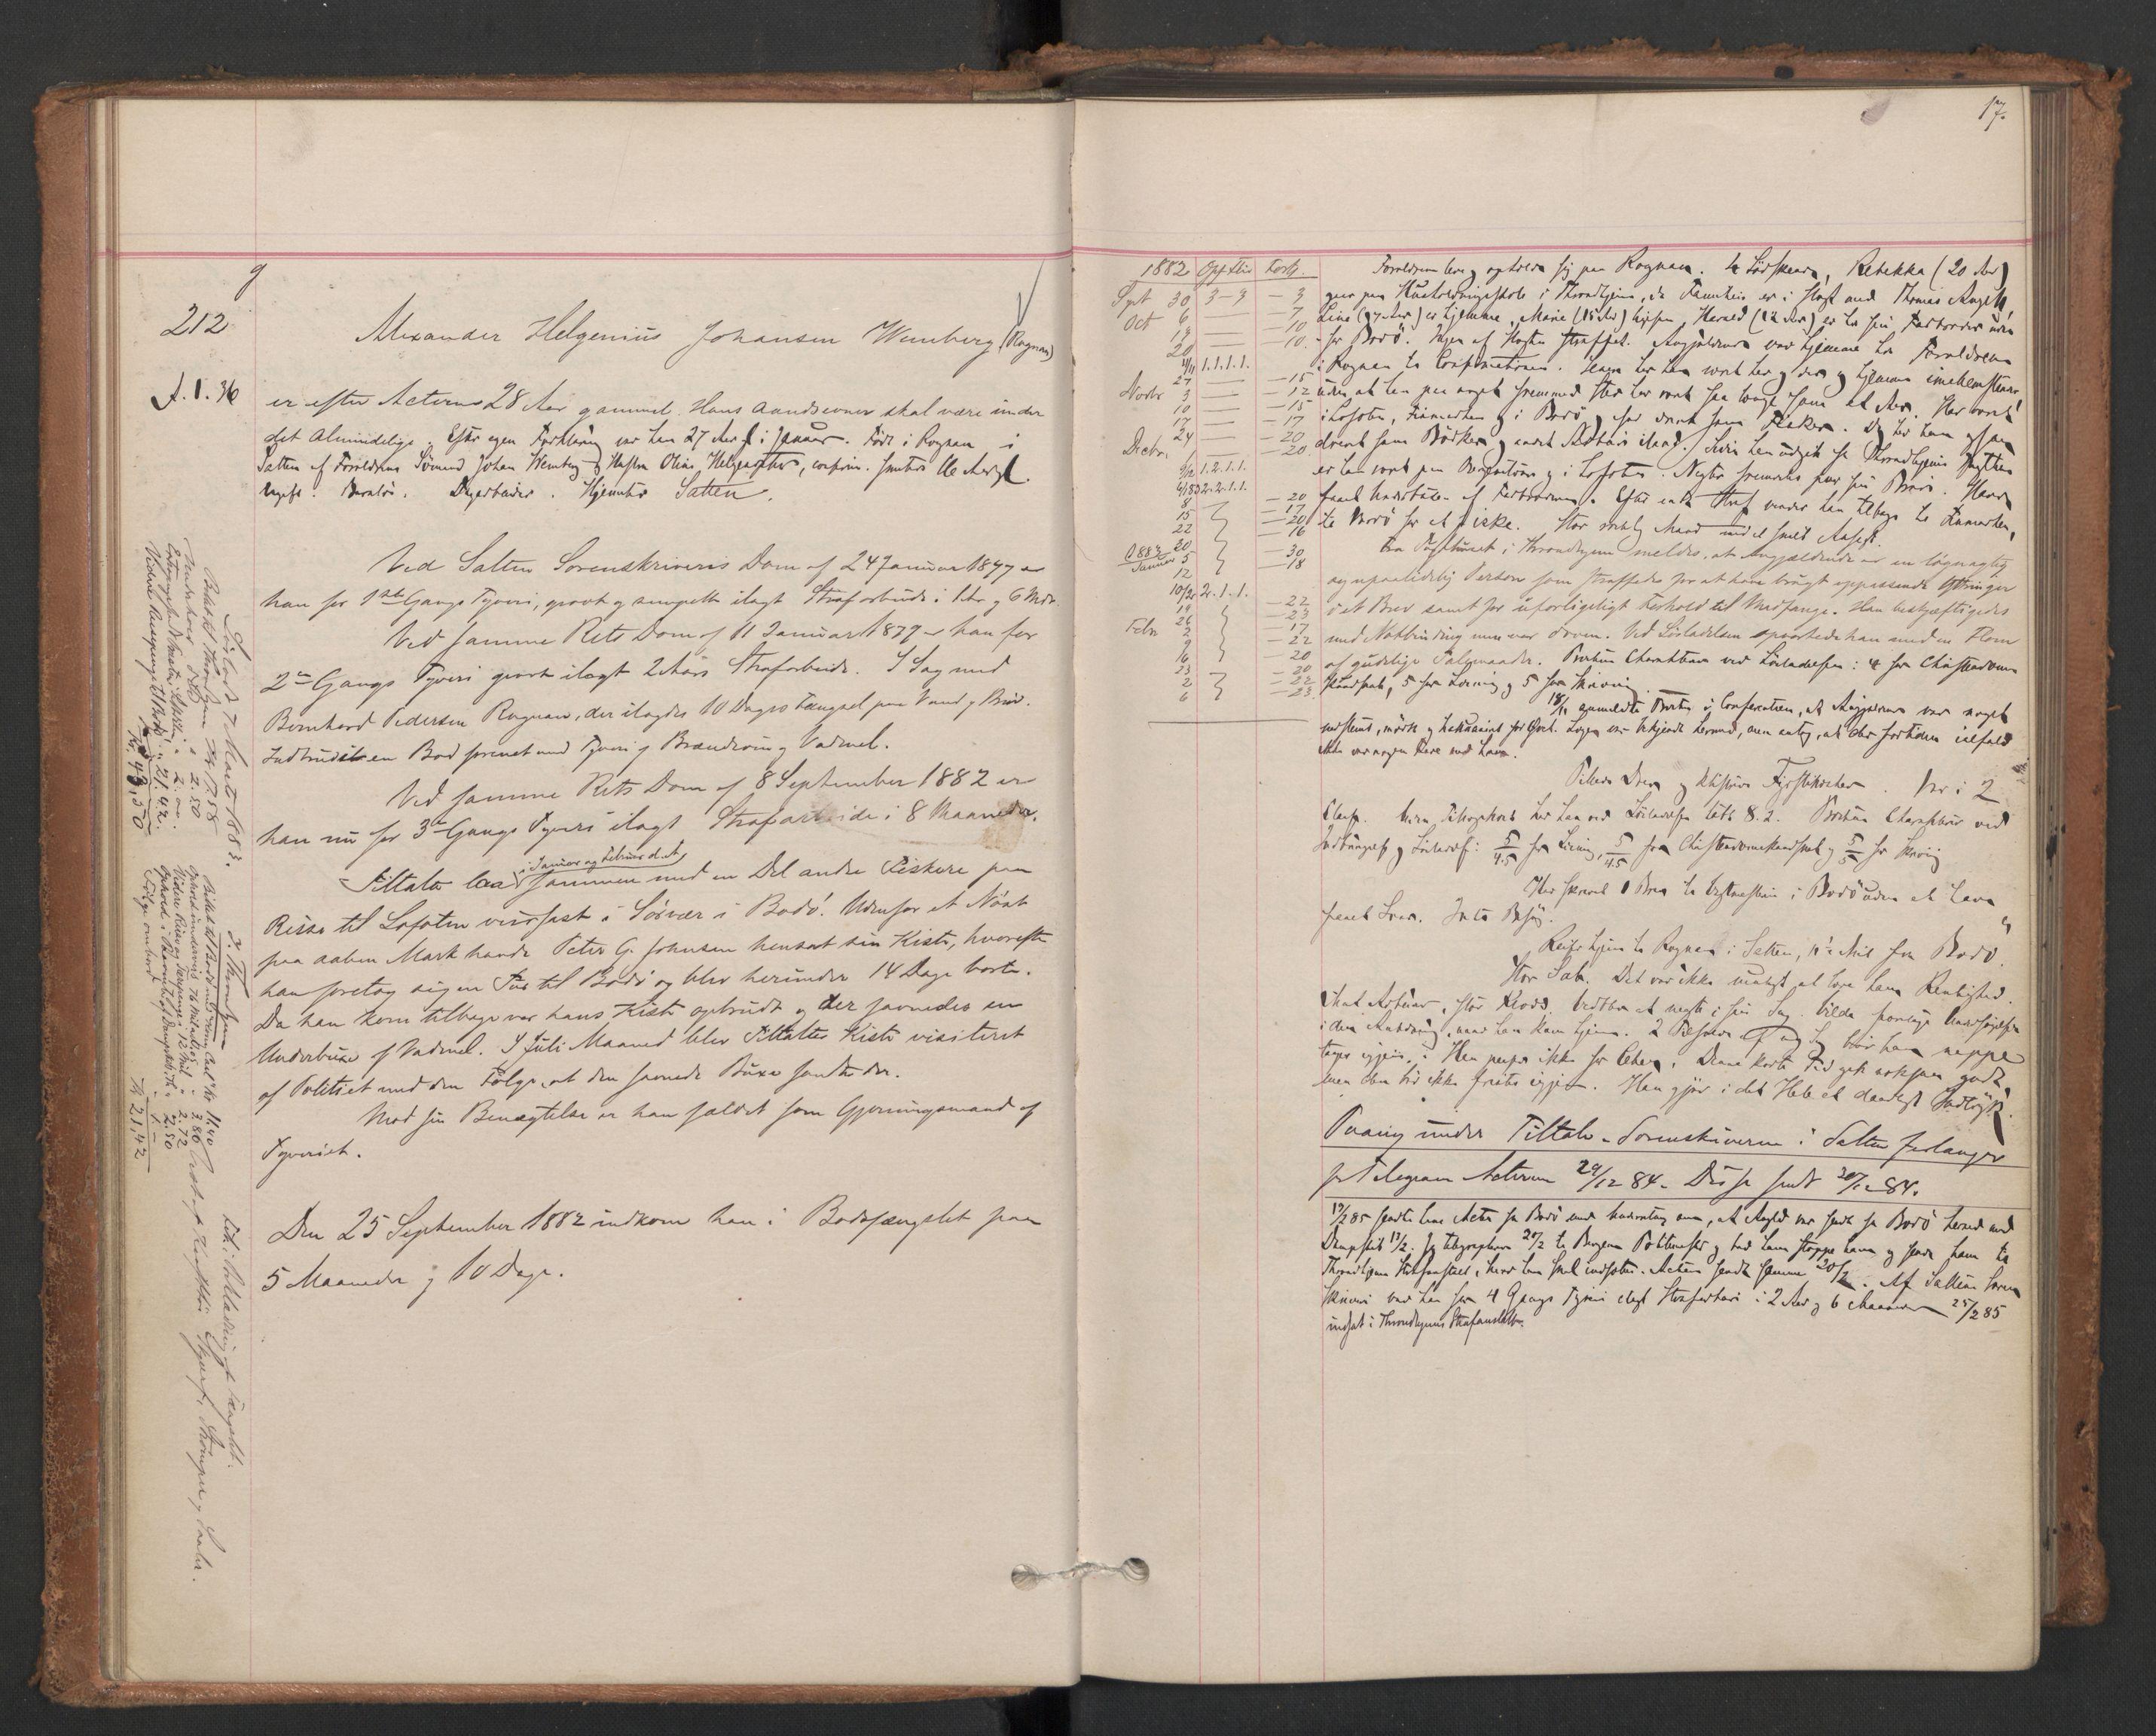 RA, Botsfengslet, D/Db/Dbb/L0021: 196g - 484g, 1882-1884, s. 17